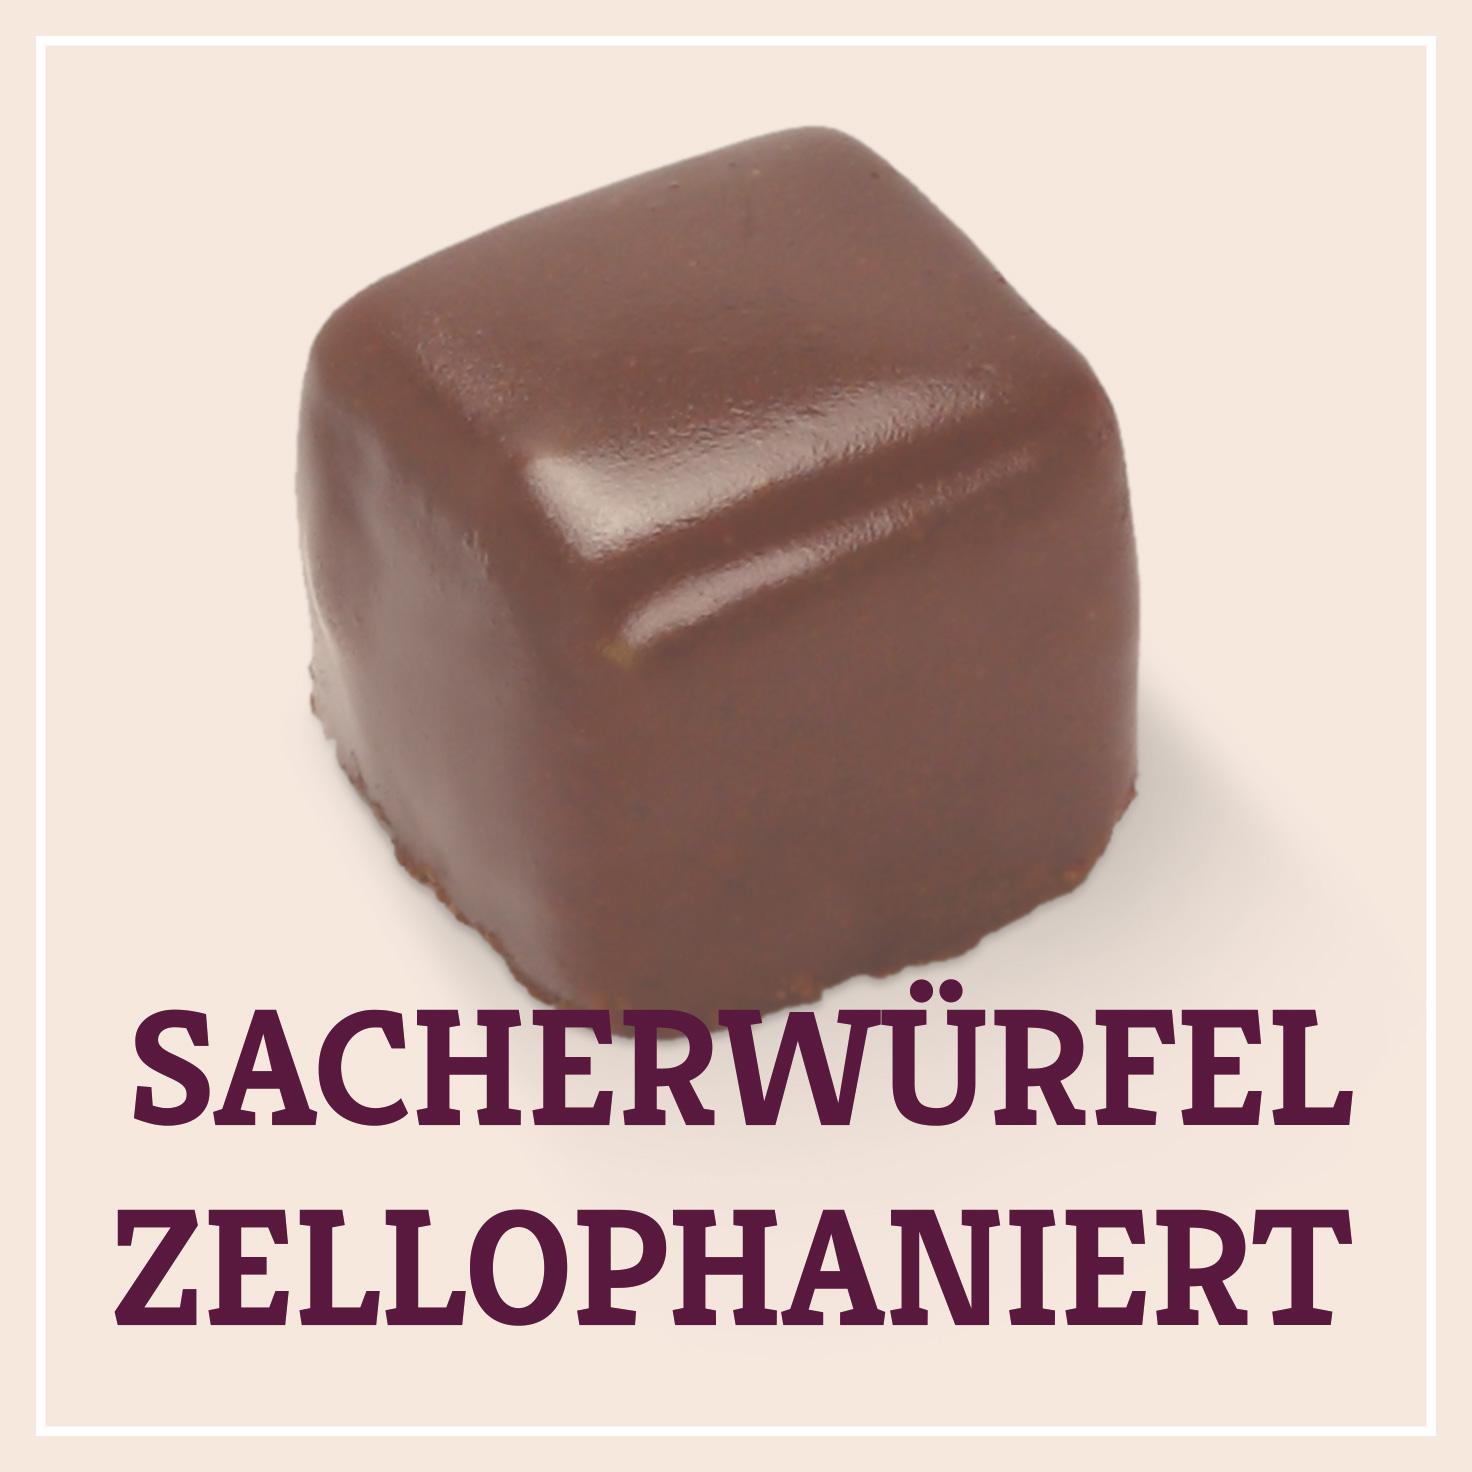 Heiss & Süß - Sacherwürfel zellophaniert